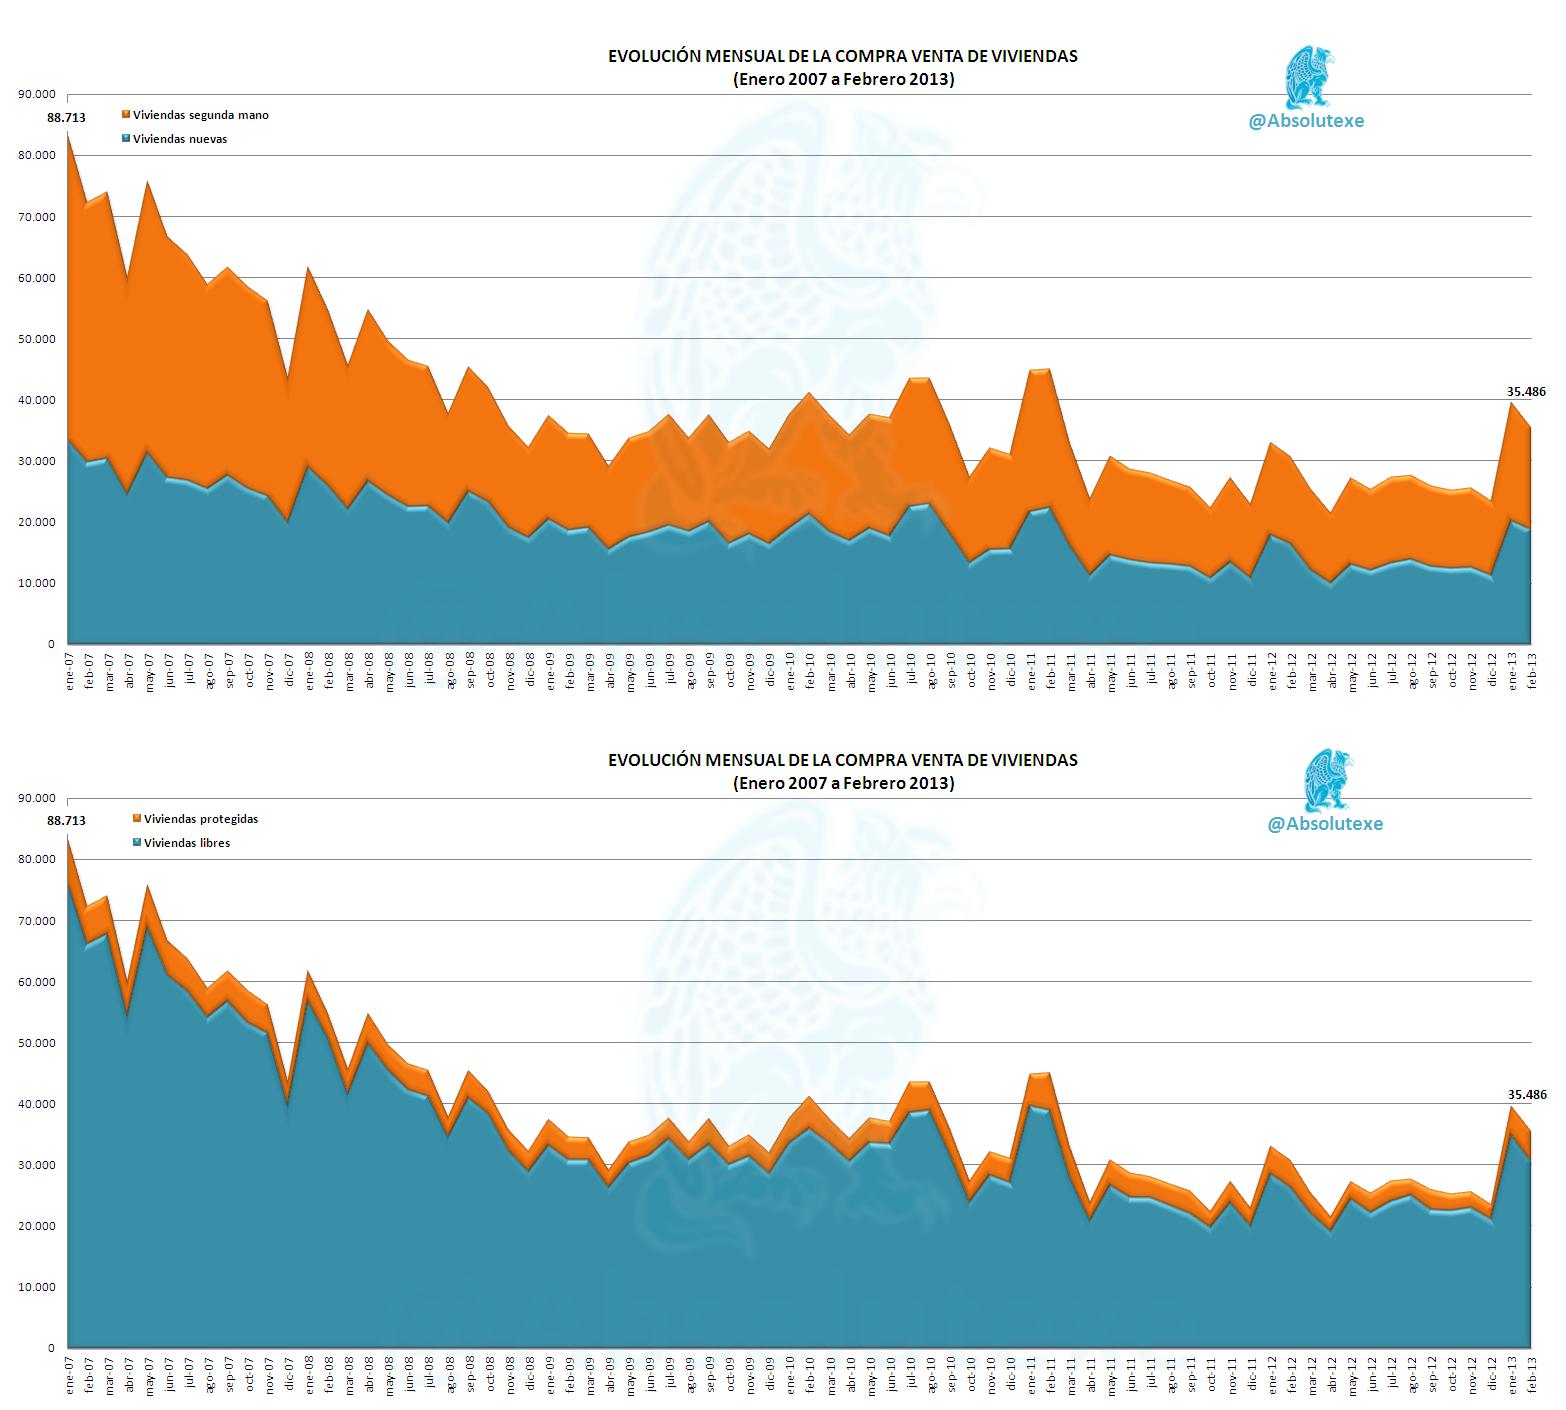 Evolución de Compra-Venta de Viviendas (Nueva Vs. Usada y Libre Vs. Protegida) 2007 a Febrero 2013  http://yfrog.com/1agx8p